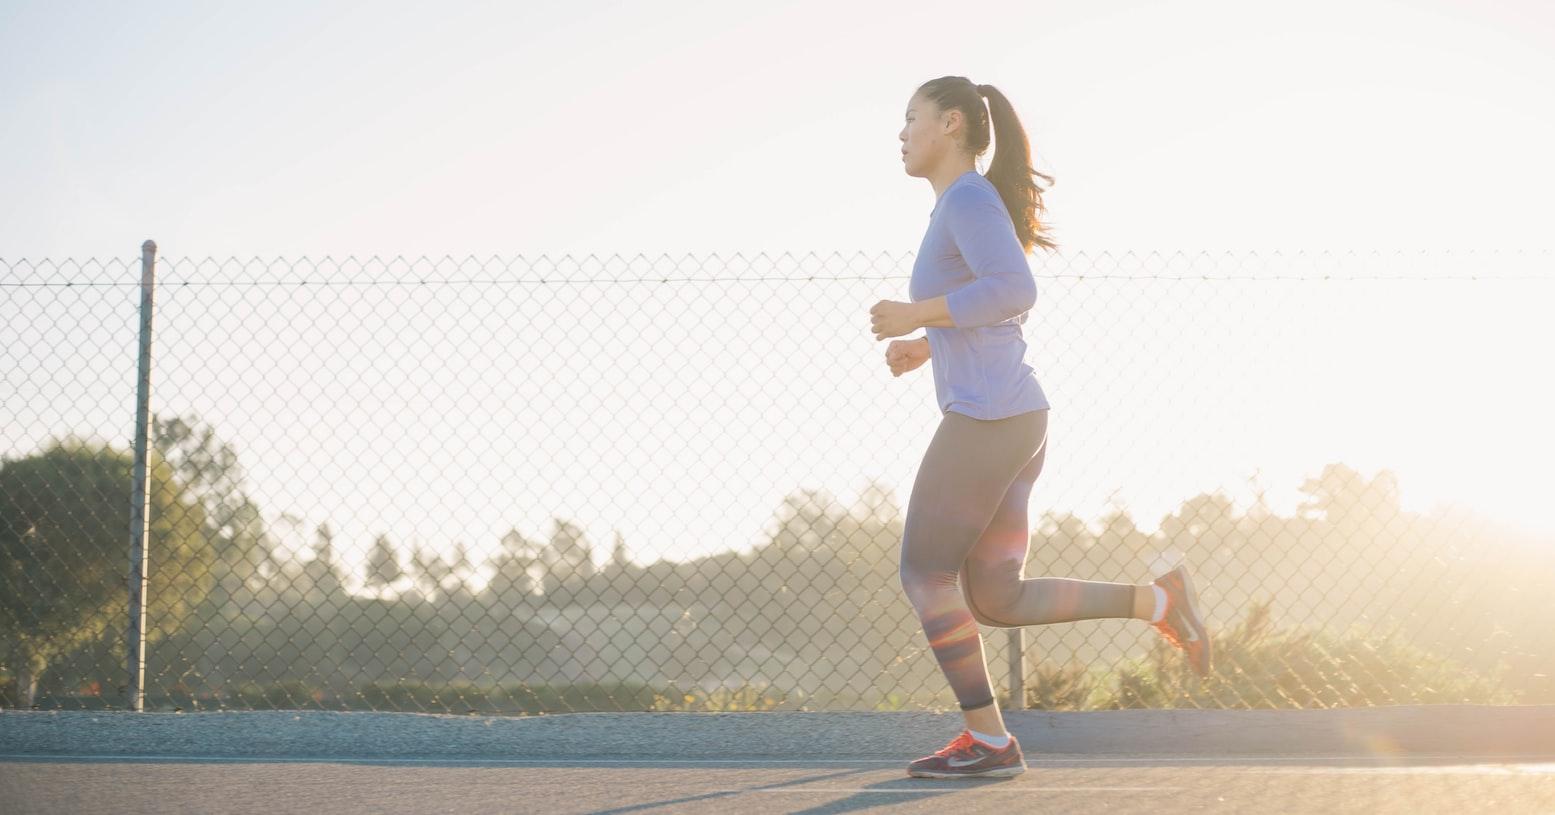 Vrouw doet aan cardiotraining door te hardlopen